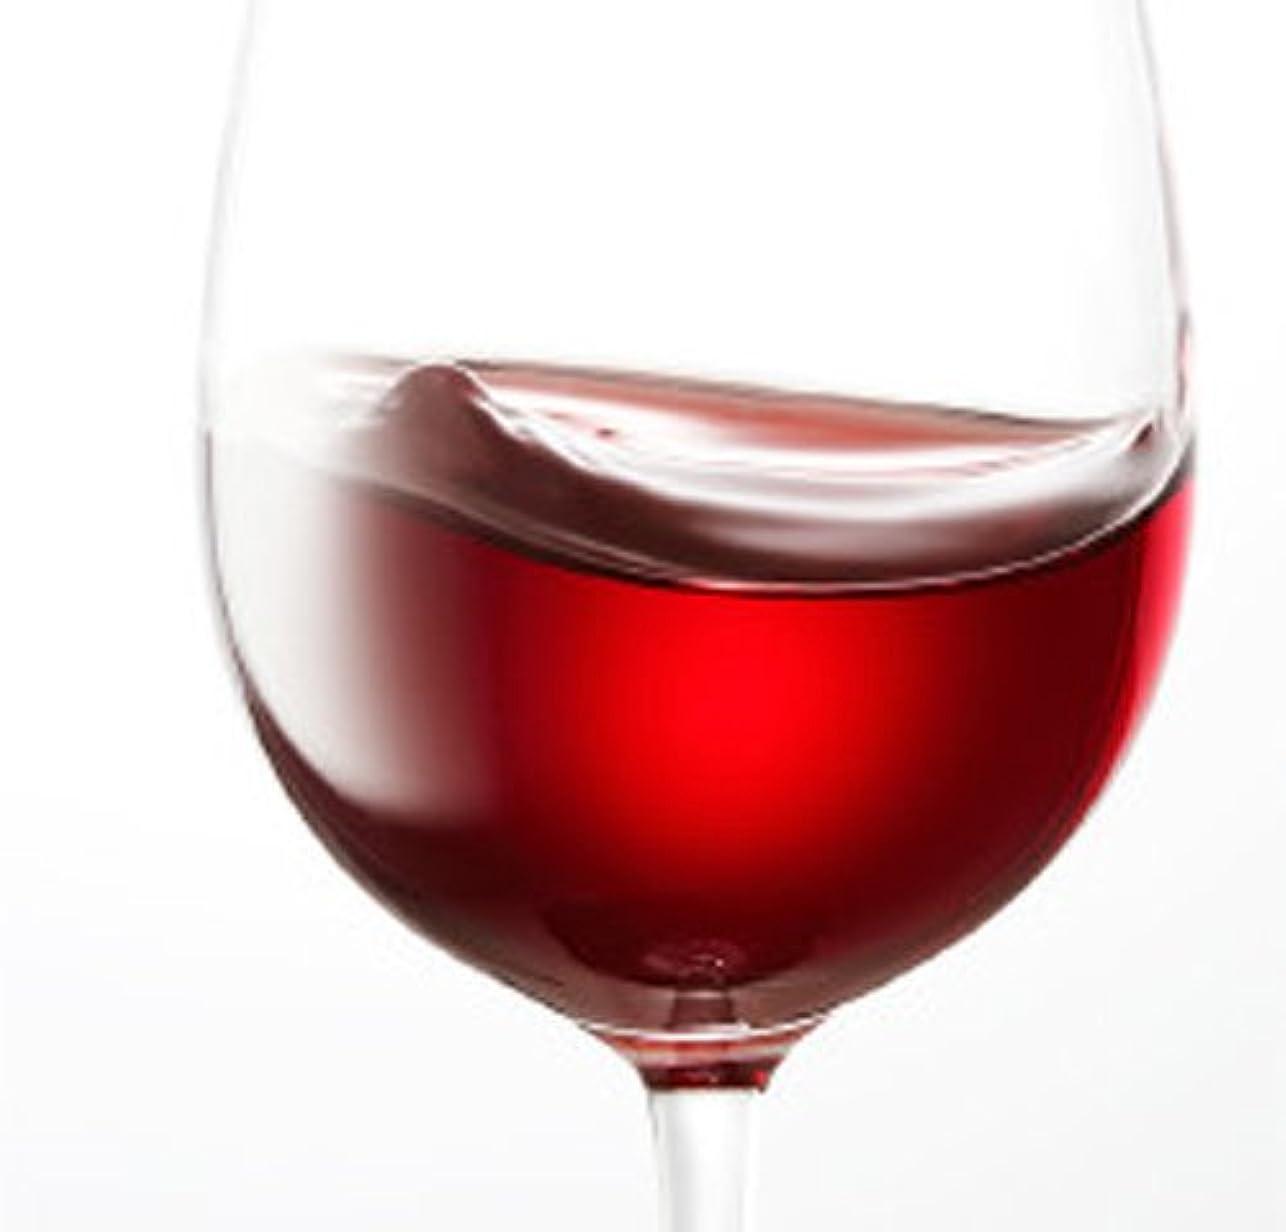 予算ハウスレオナルドダ赤ワインのモイスチャークリーム